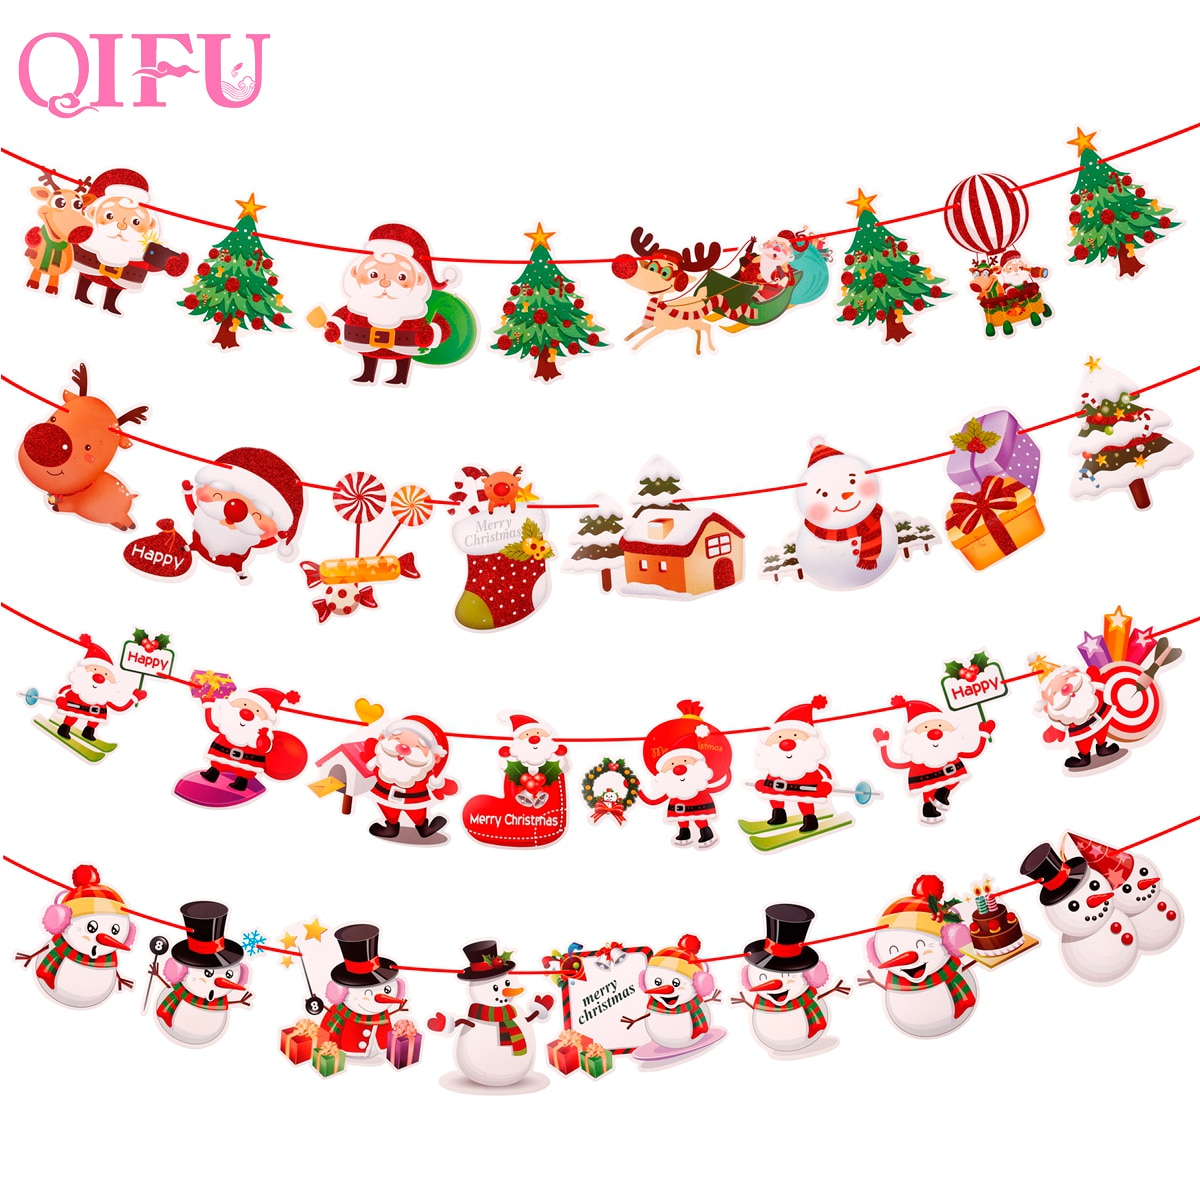 Adornos navideños para el hogar QIFU, luces navideñas para árbol de Navidad 2020, adornos navideños, regalos de Navidad, Feliz Año Nuevo 2021